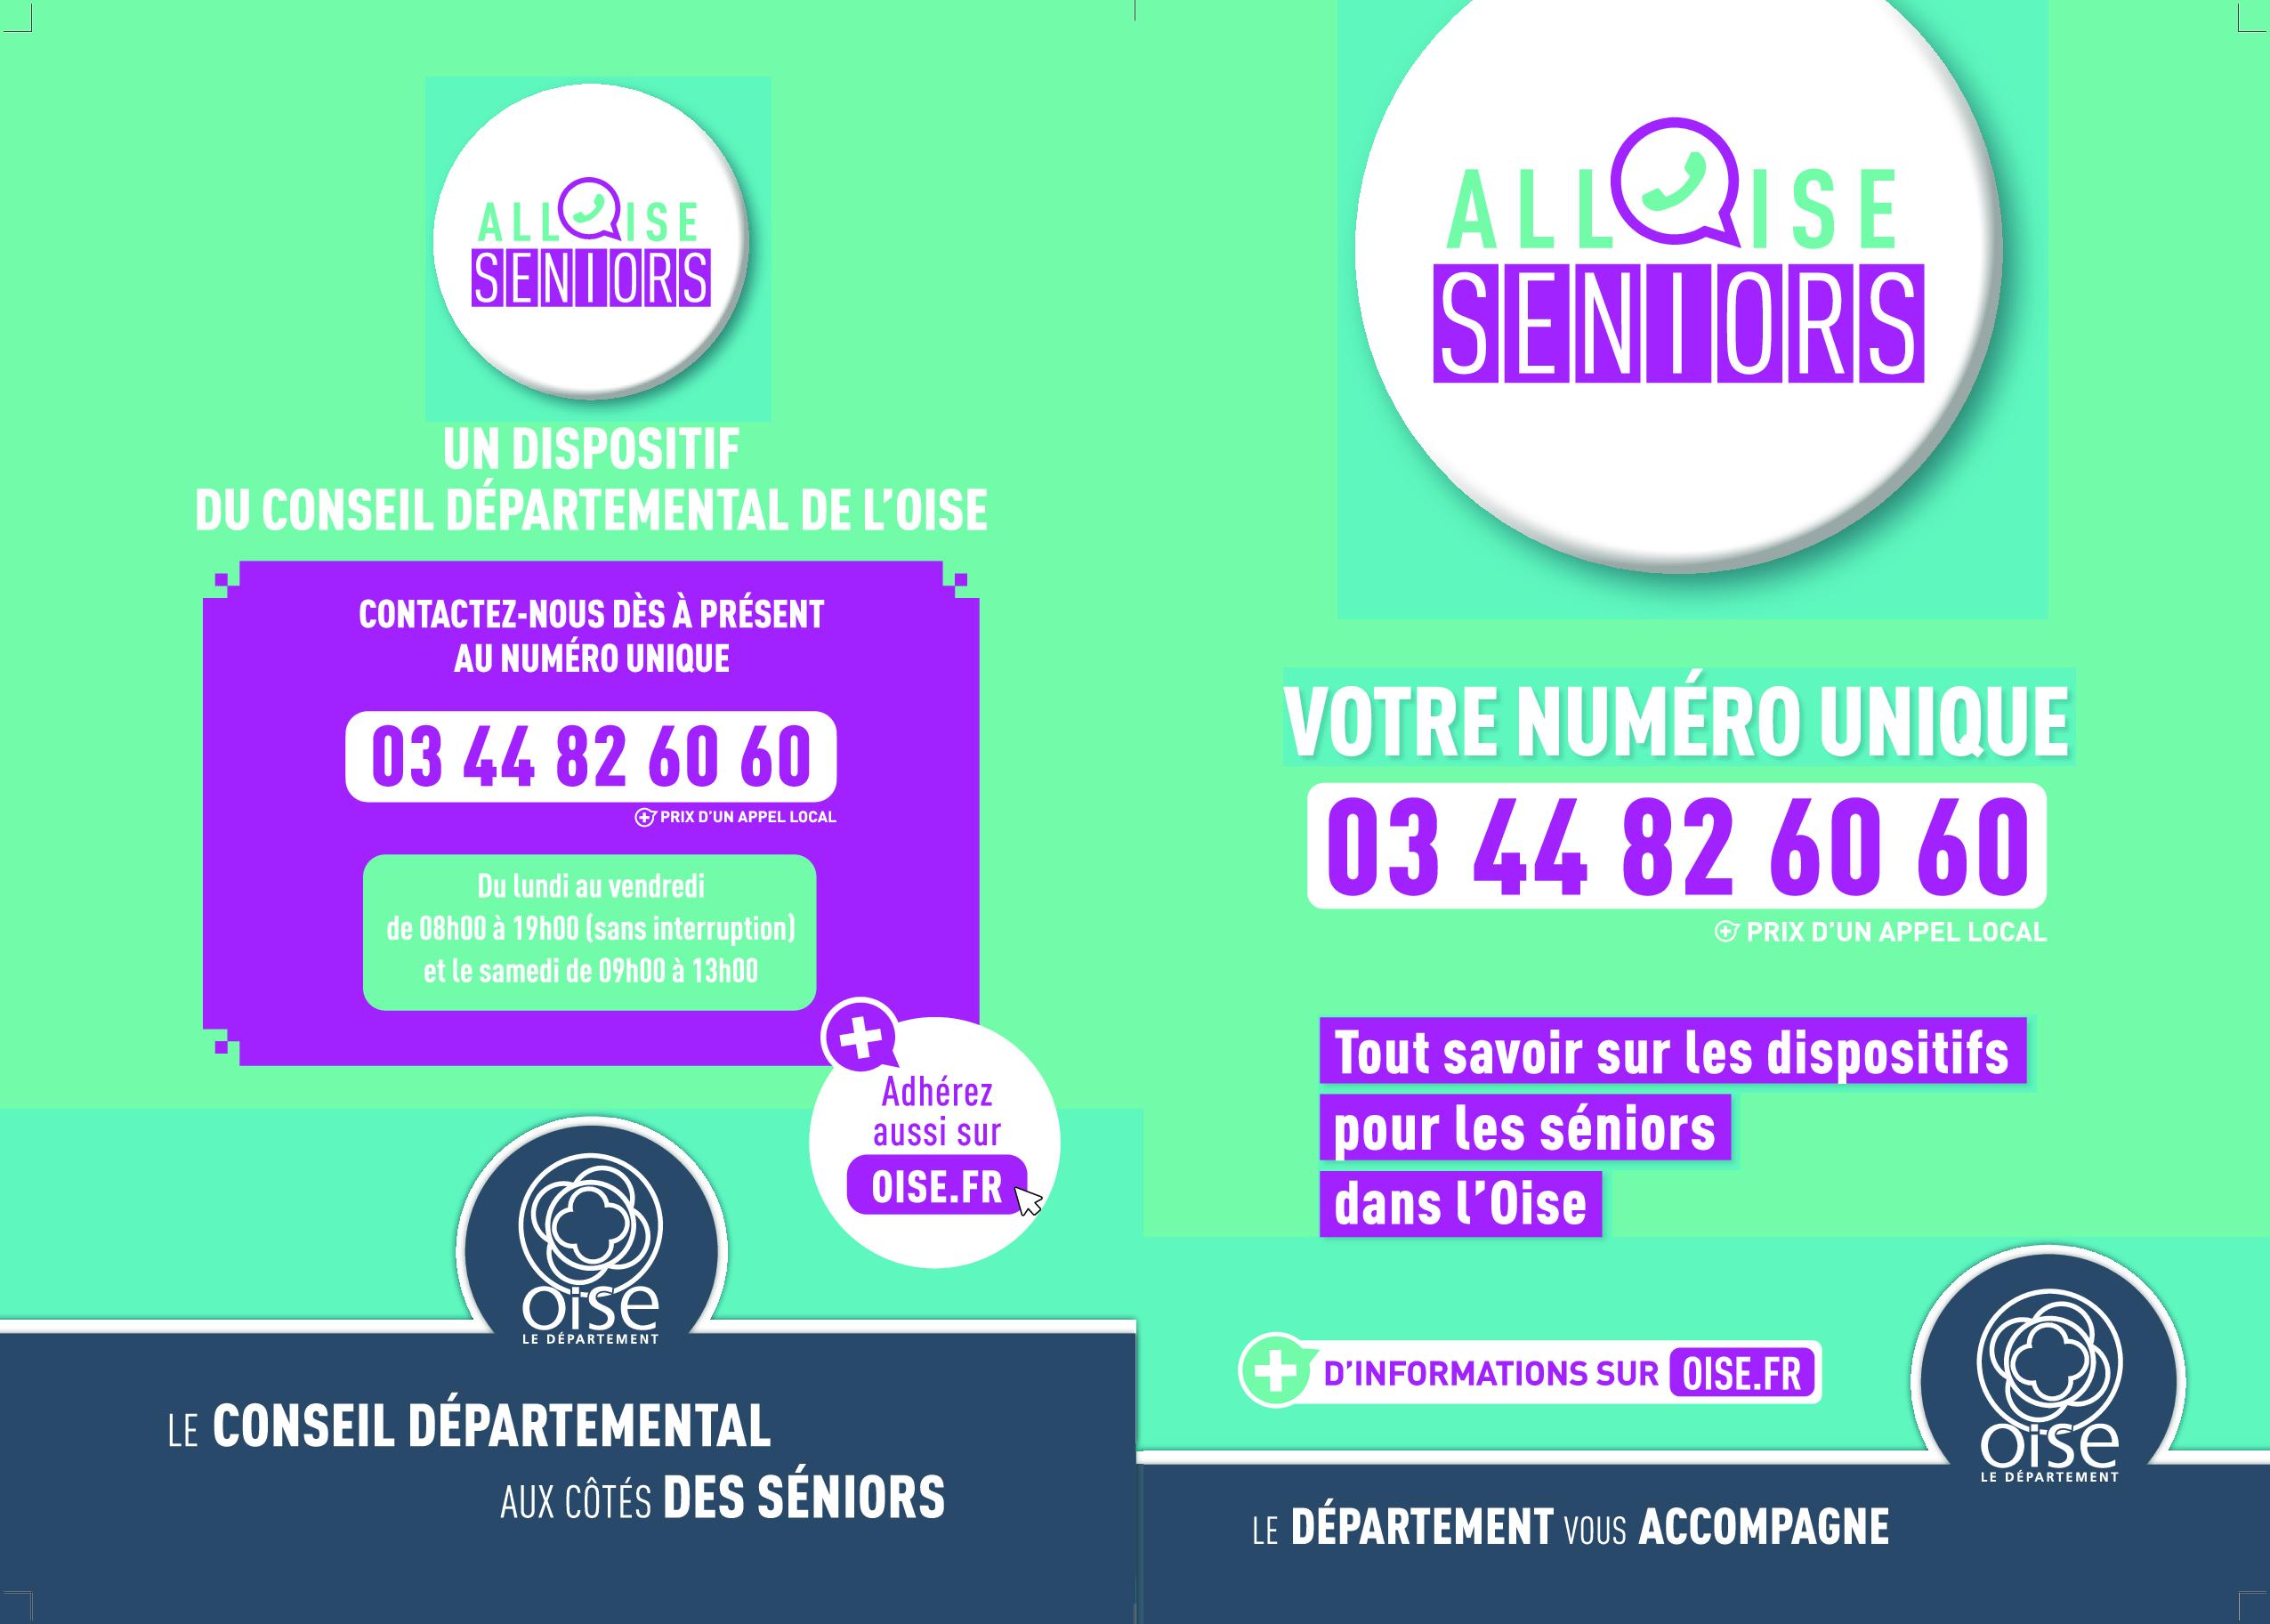 Flyer-AllOise seniors-2020-A4-2volets-ech1_IMPRESSION_HD_001.png